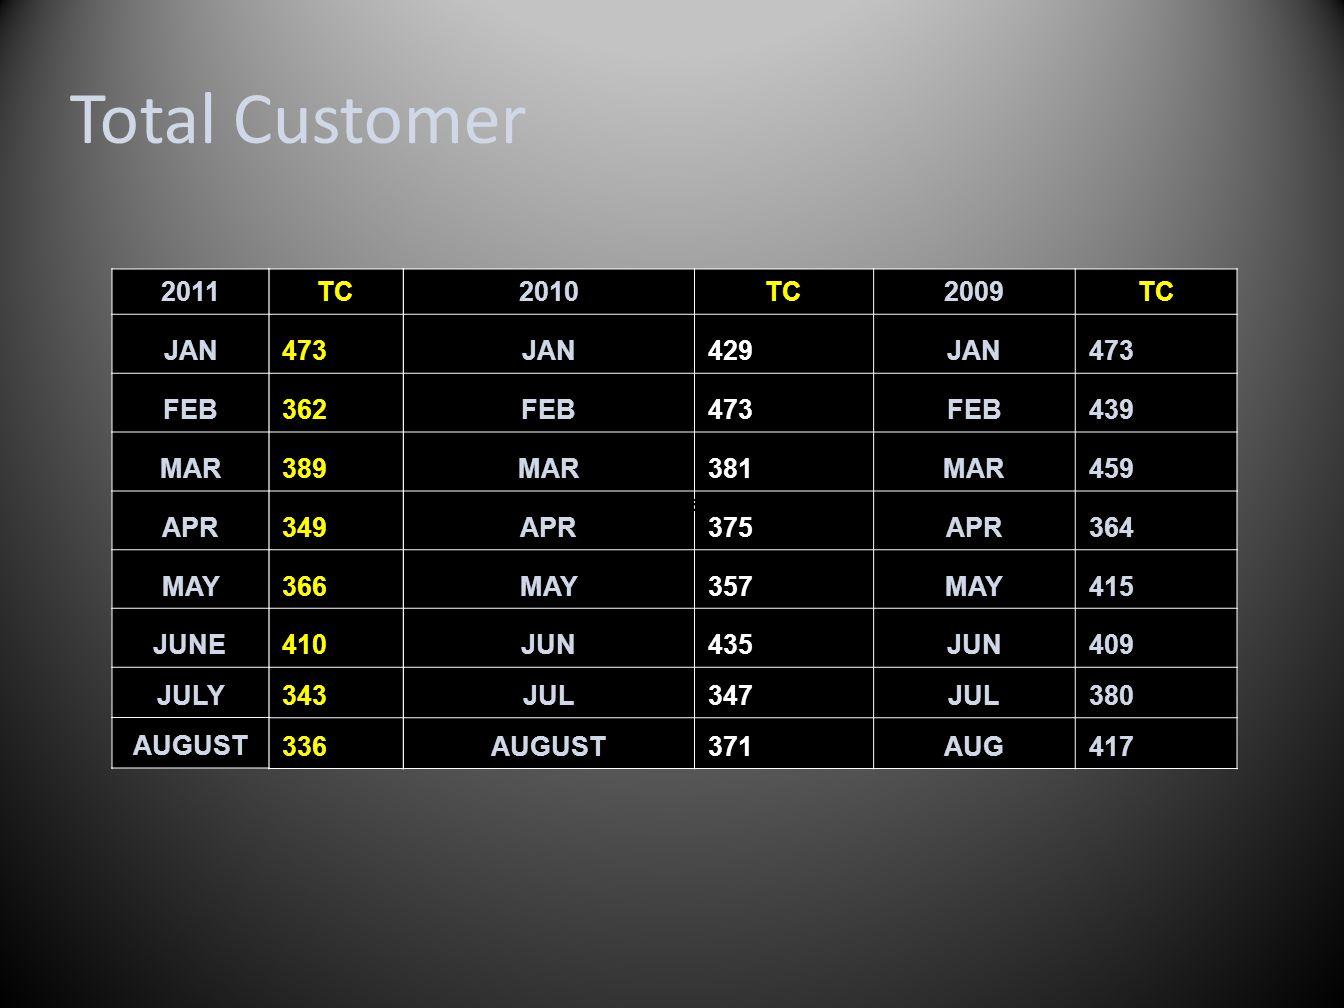 2010TC2009TC JAN429JAN473 FEB473FEB439 MAR381MAR459 APR375APR364 MAY357MAY415 JUN435JUN409 JUL347JUL380 AUGUST371AUG417 502154 Total Customer TC 473 3